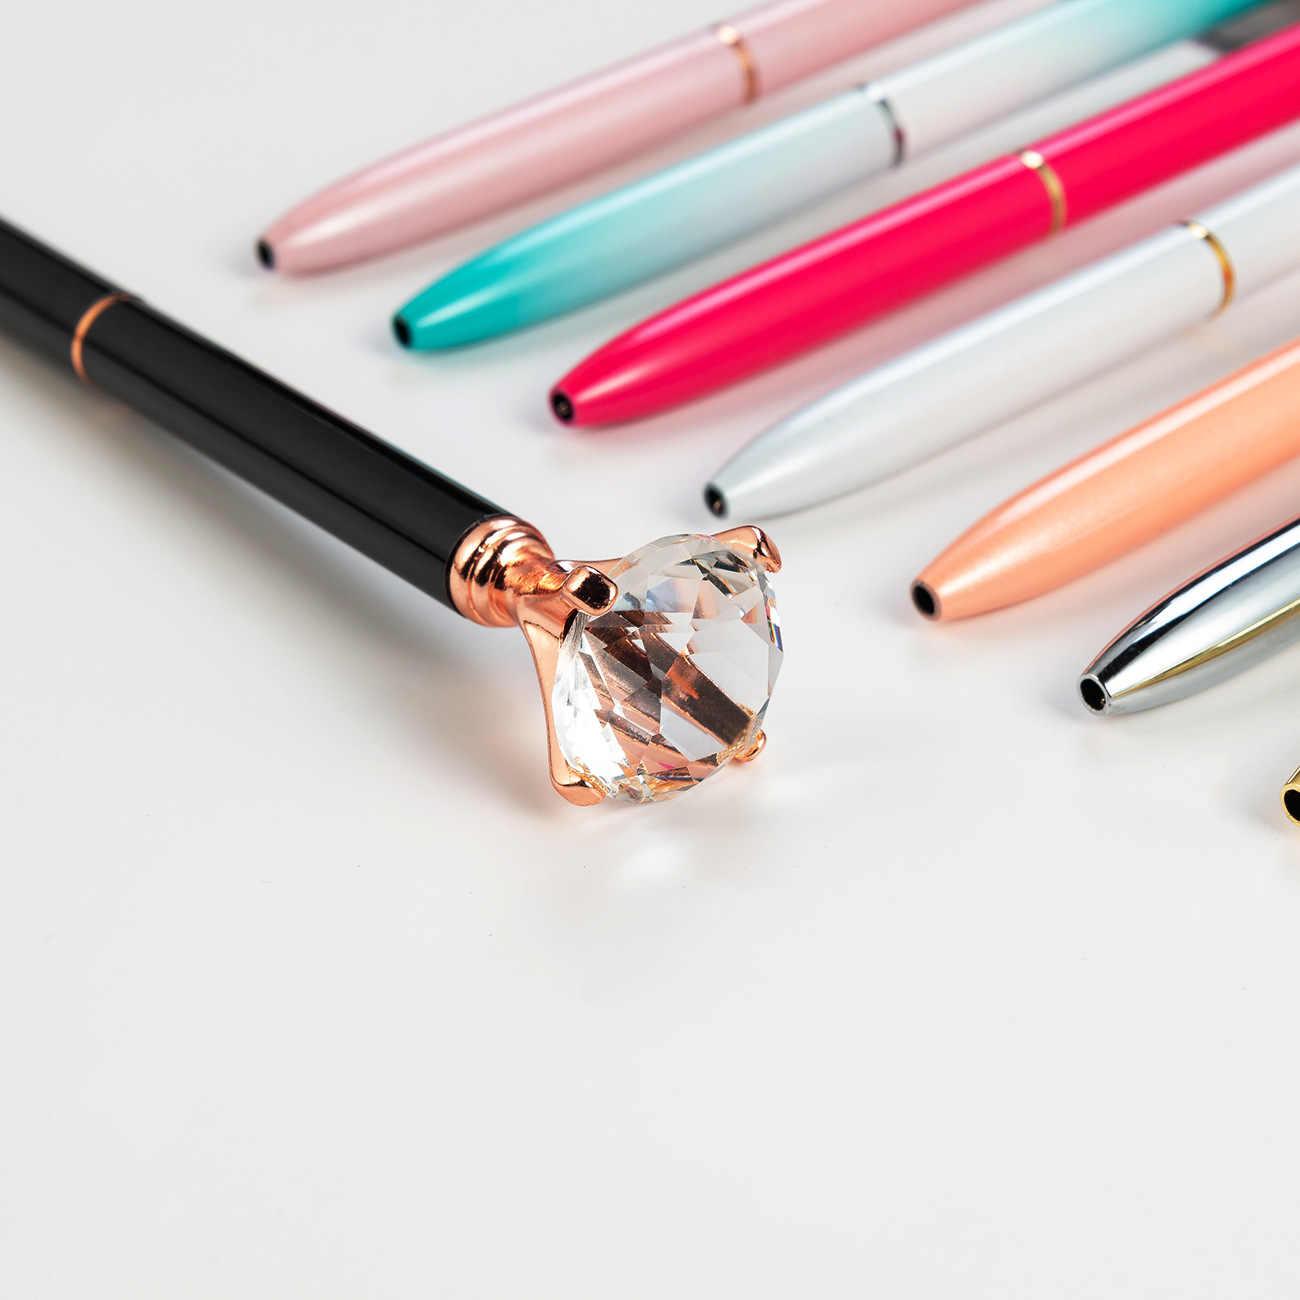 Big Carat Diamond kryształowy kamień długopis biuro ślubne metalowe pióra kulkowe szkoła papiernicze Logo na zamówienie prezent